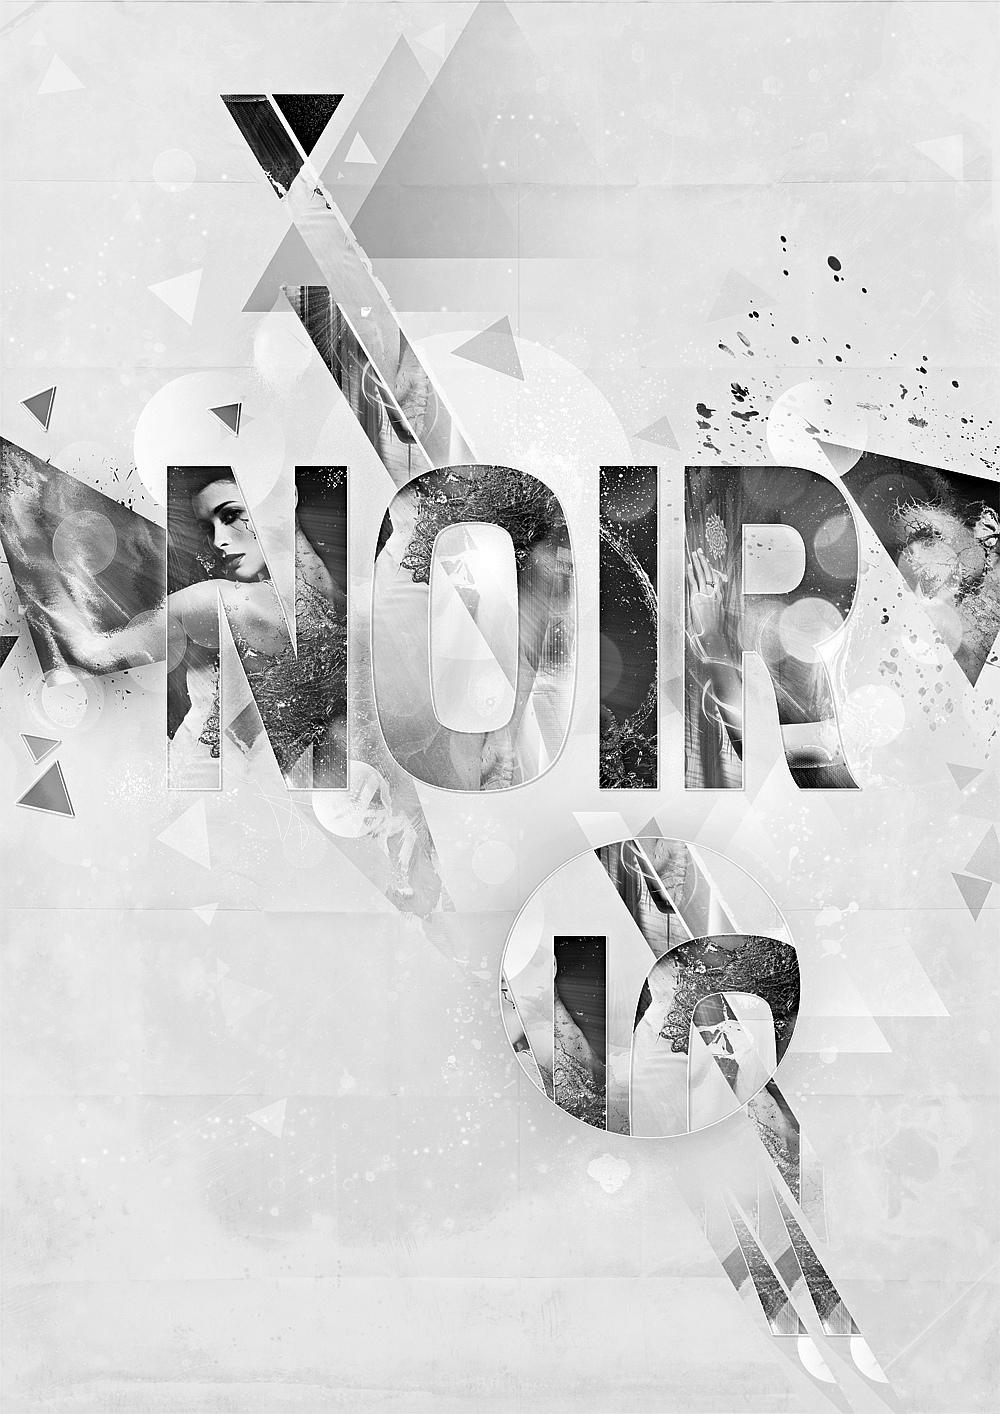 Noir RMX by queedo